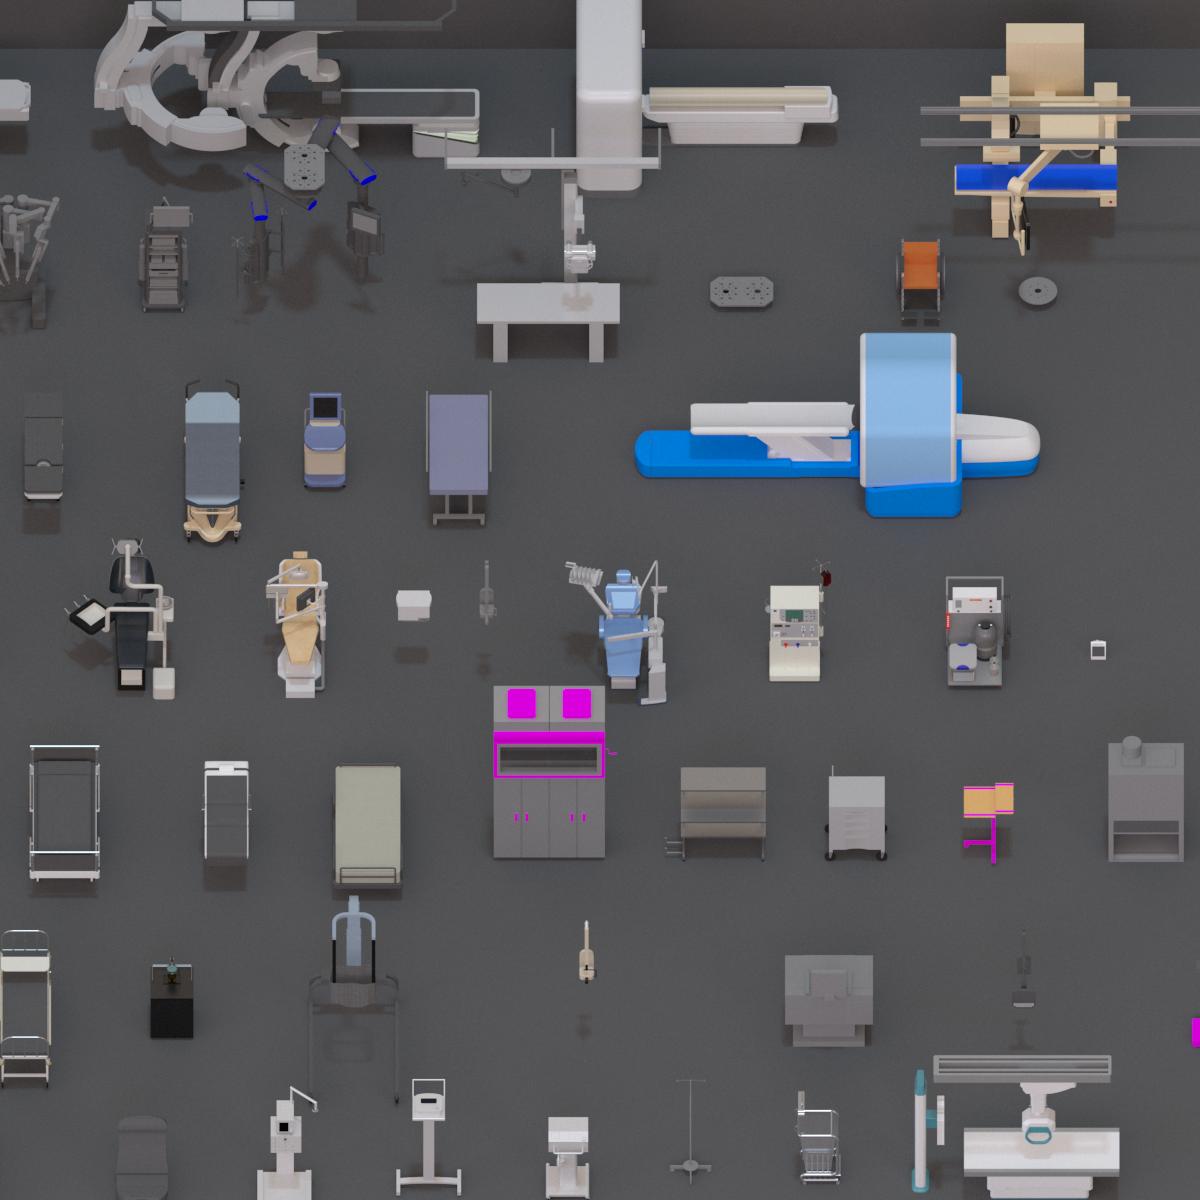 Colección de Mobiliario Hospitalario en BIM